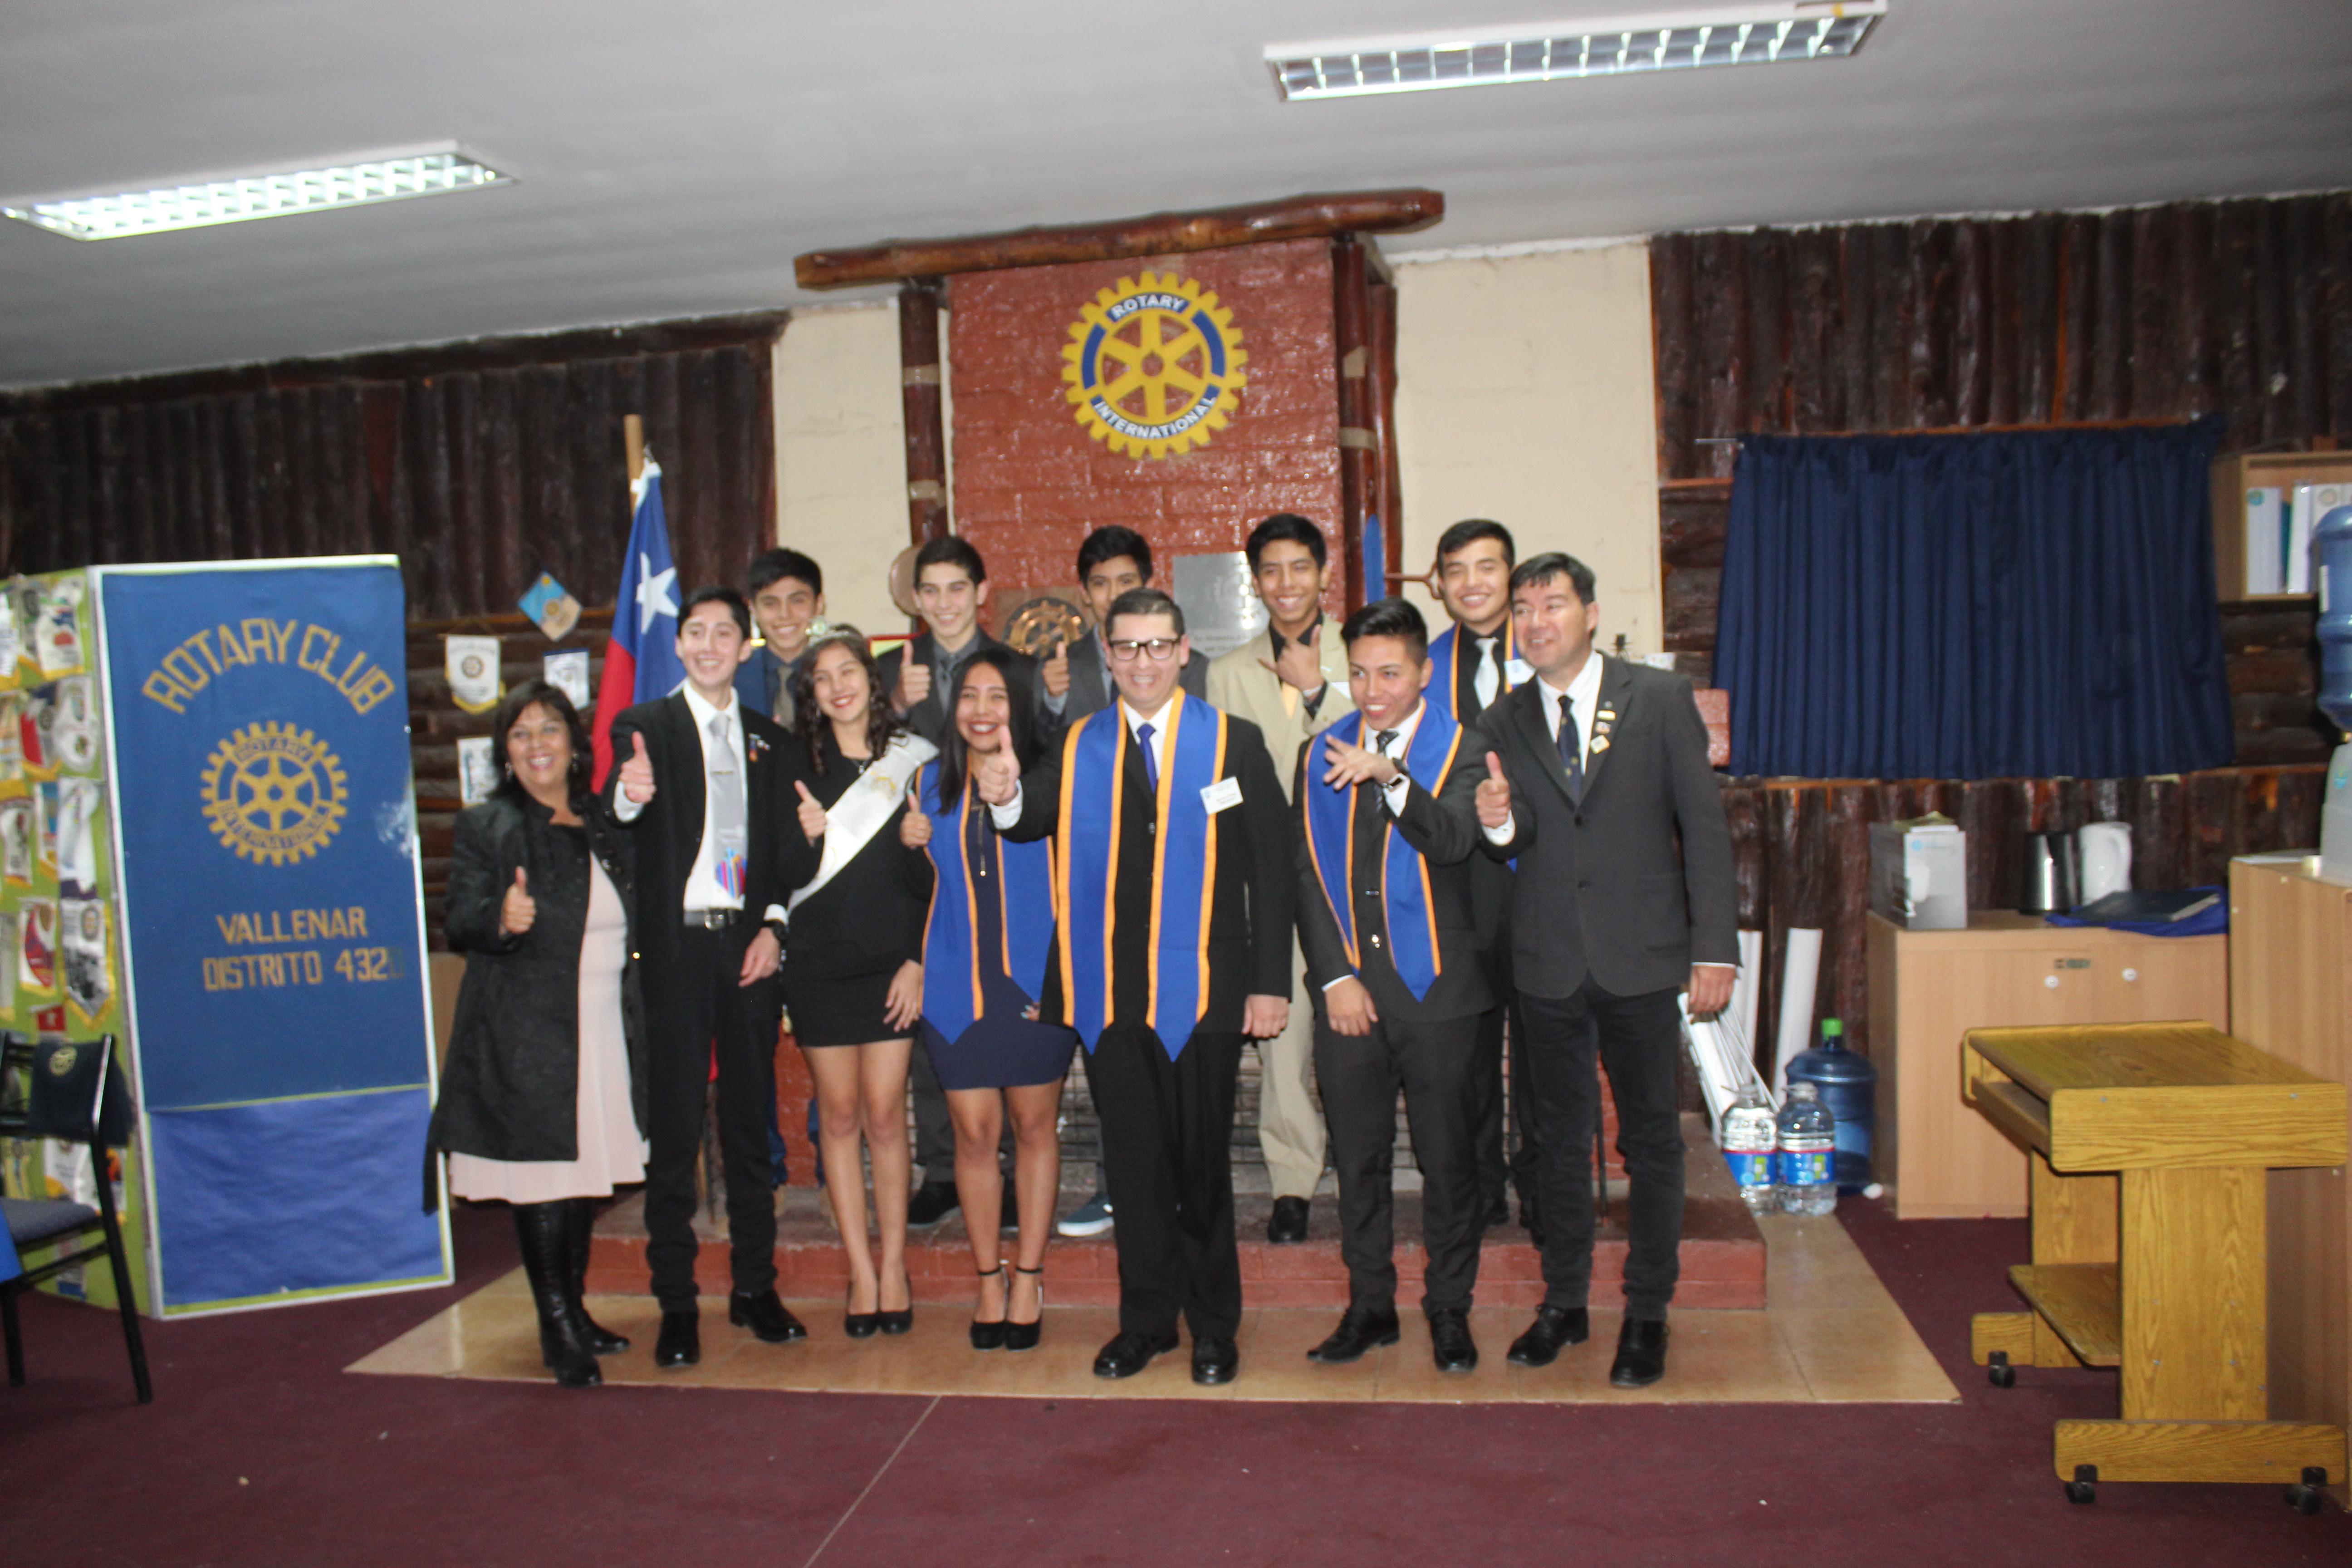 Constituyen agrupación de jóvenes del Rotary Club Vallenar